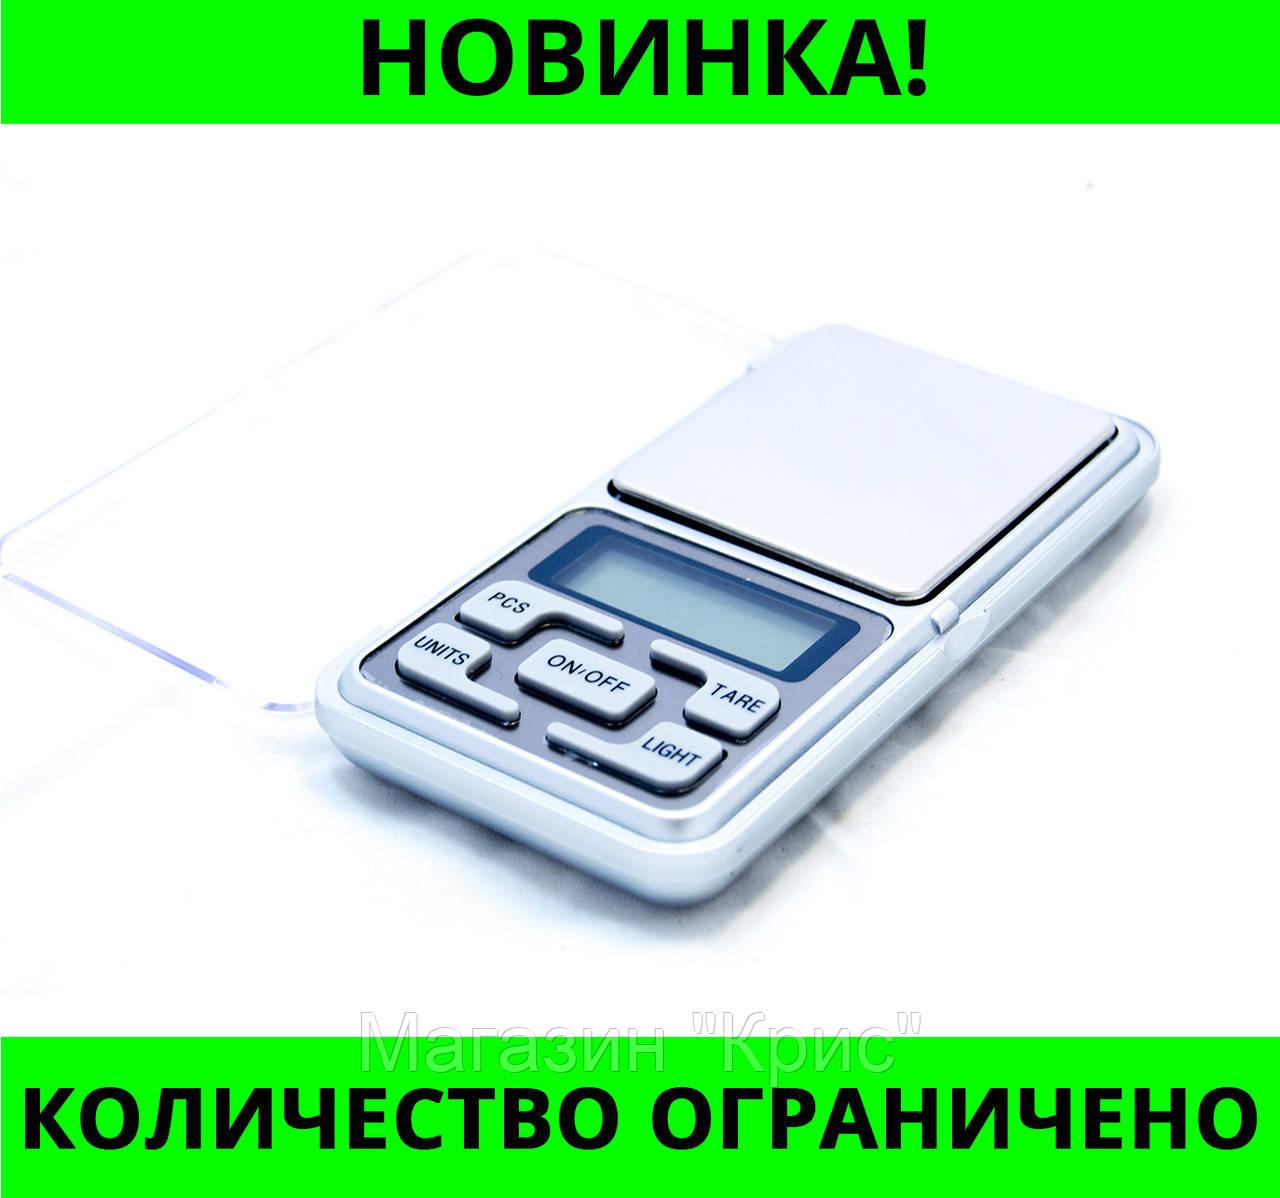 Карманные электронные весы Pocket Scale MH-200 200g / погрешность 0.01g! Распродажа